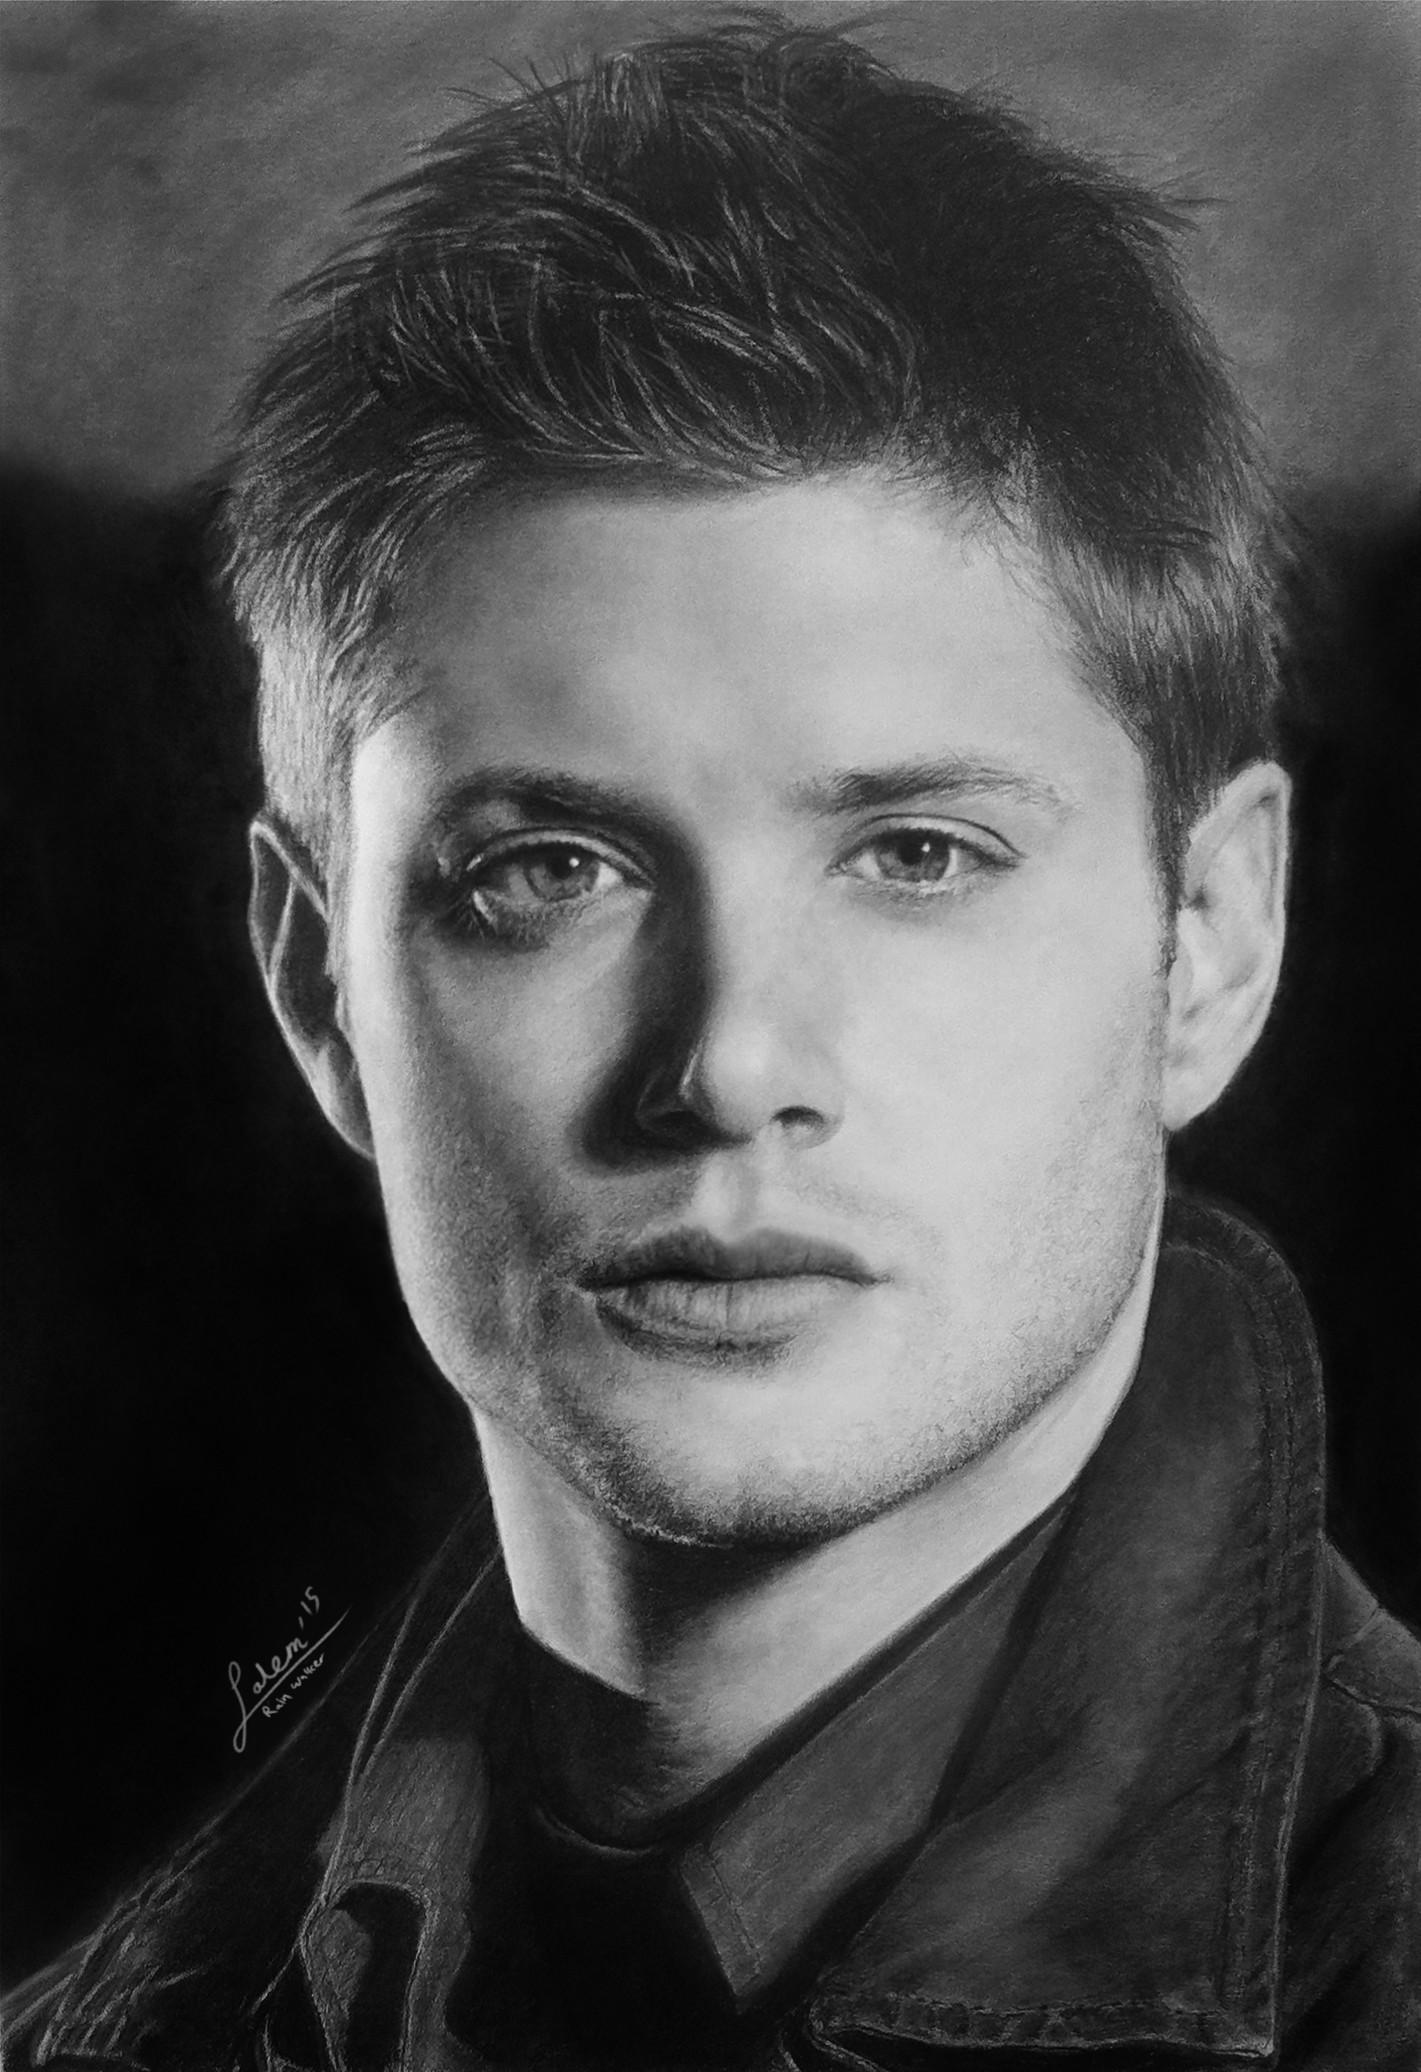 Salem Shanouha - Dean Winchester (Jensen Ackles) Pencil Portrait